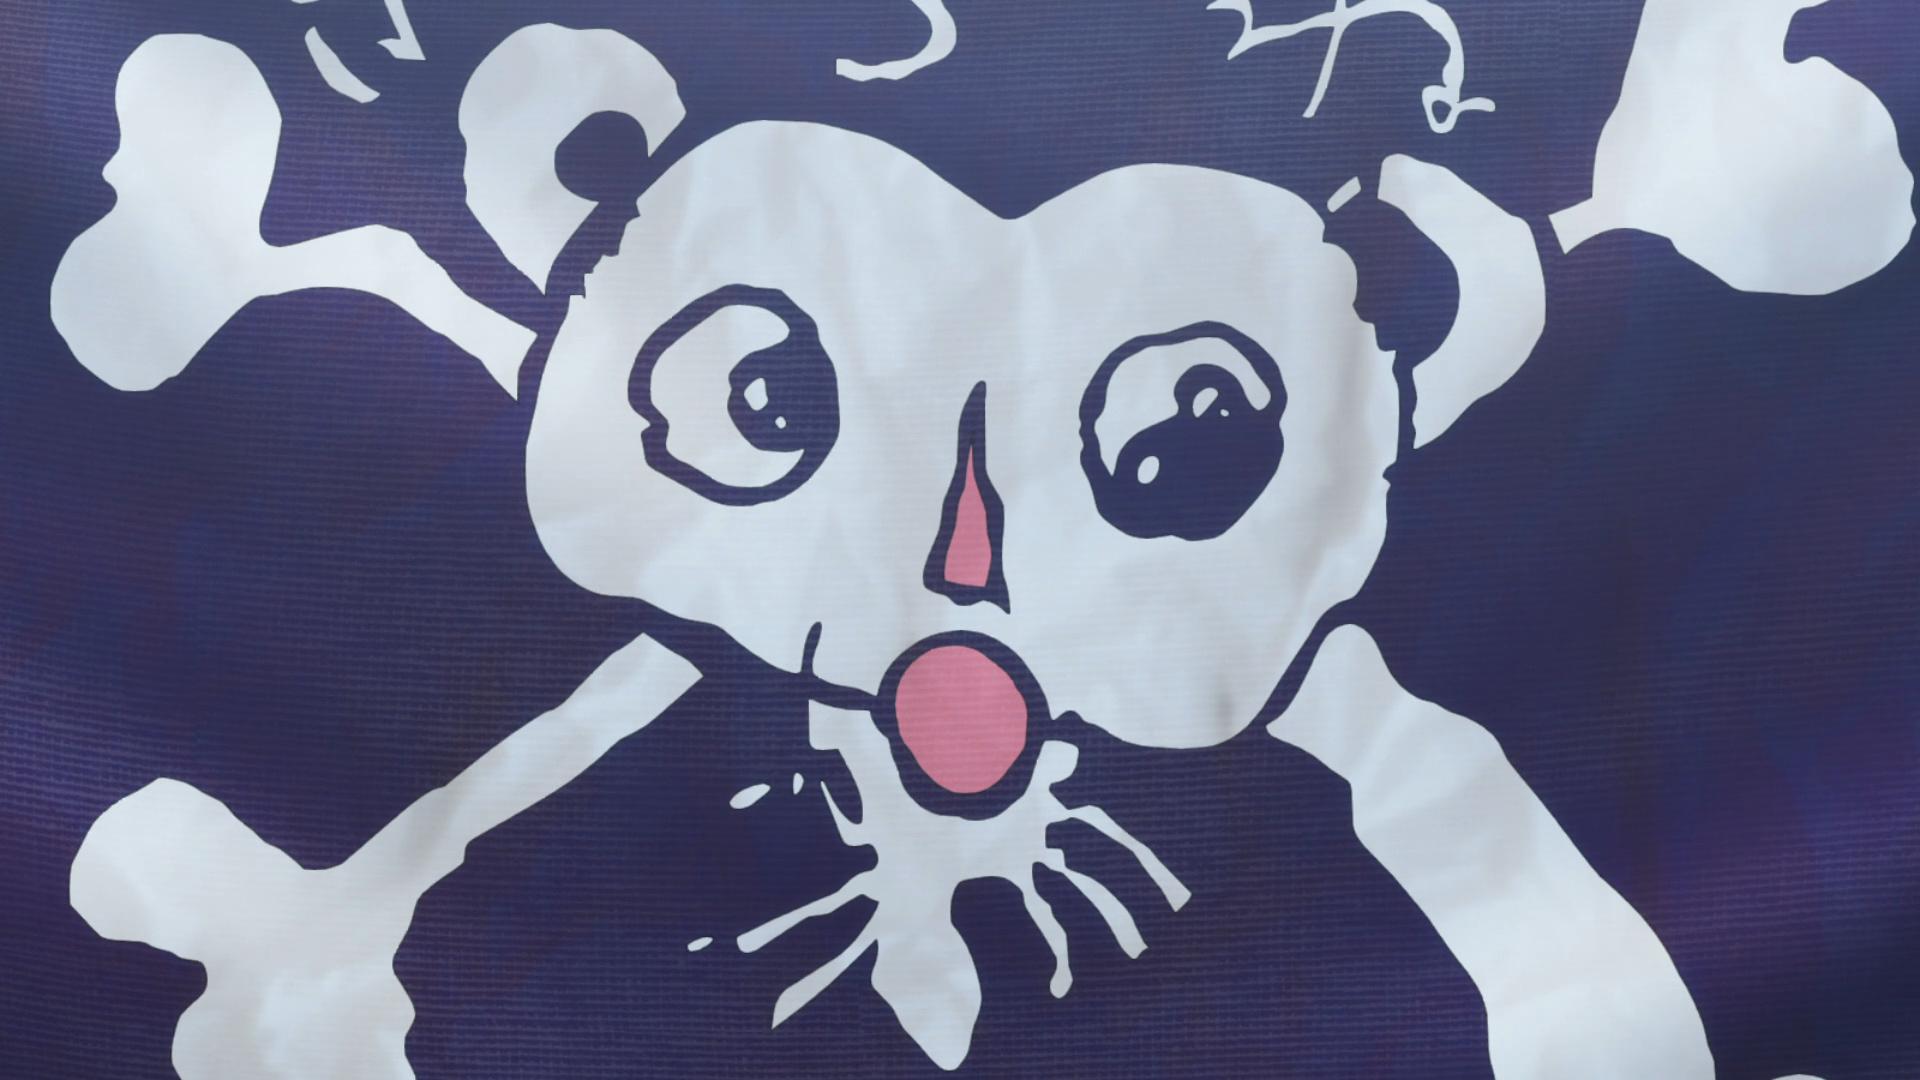 Piratas de Foxy | One Piece Wiki | Fandom powered by Wikia